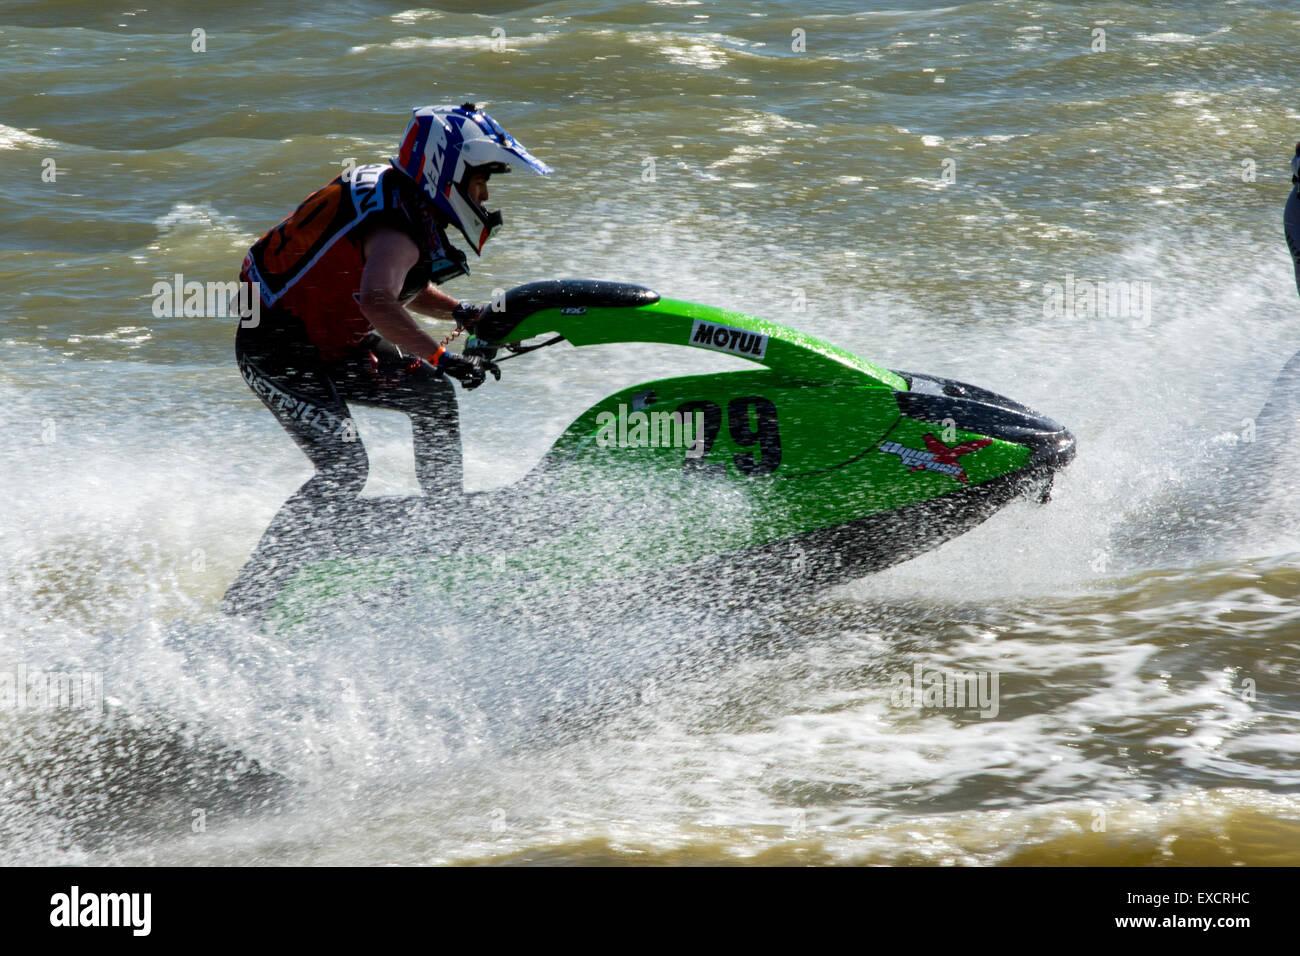 Hampshire, Regno Unito. 11 Luglio, 2015. Jetski Riders AquaX in gara 2 della P1 Aquax su 11/07/2015 in Baia di Stokes, Immagini Stock